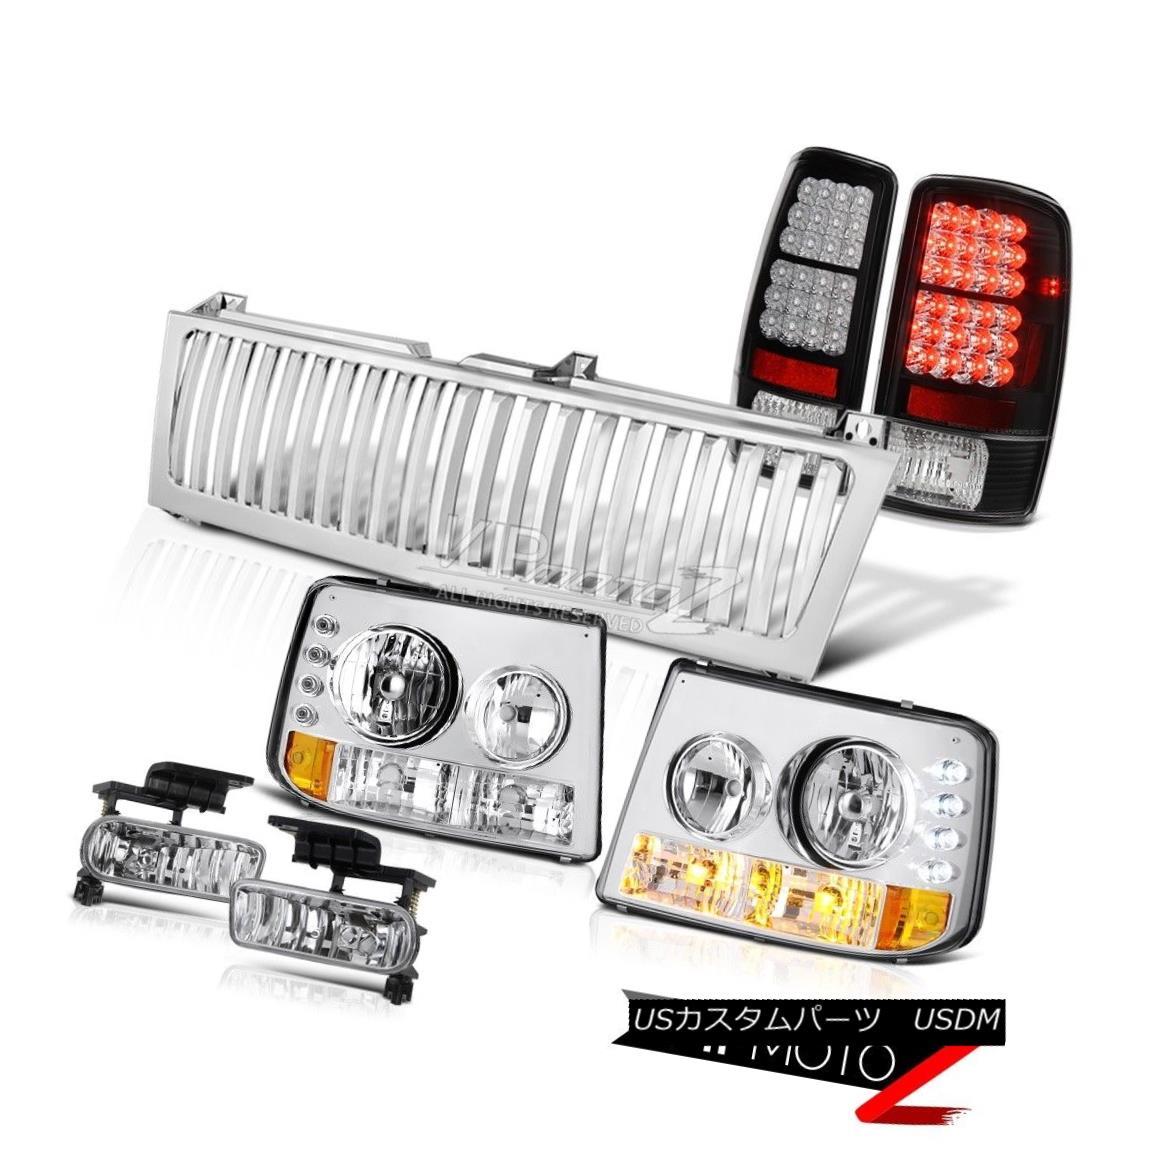 ヘッドライト 00 01 02 03 04 05 06 Suburban Headlamp Tail Lights LED Foglamps Chrome Grille 00 01 02 03 04 05 06郊外ヘッドランプテールライトLED Foglamps Chrome Grille